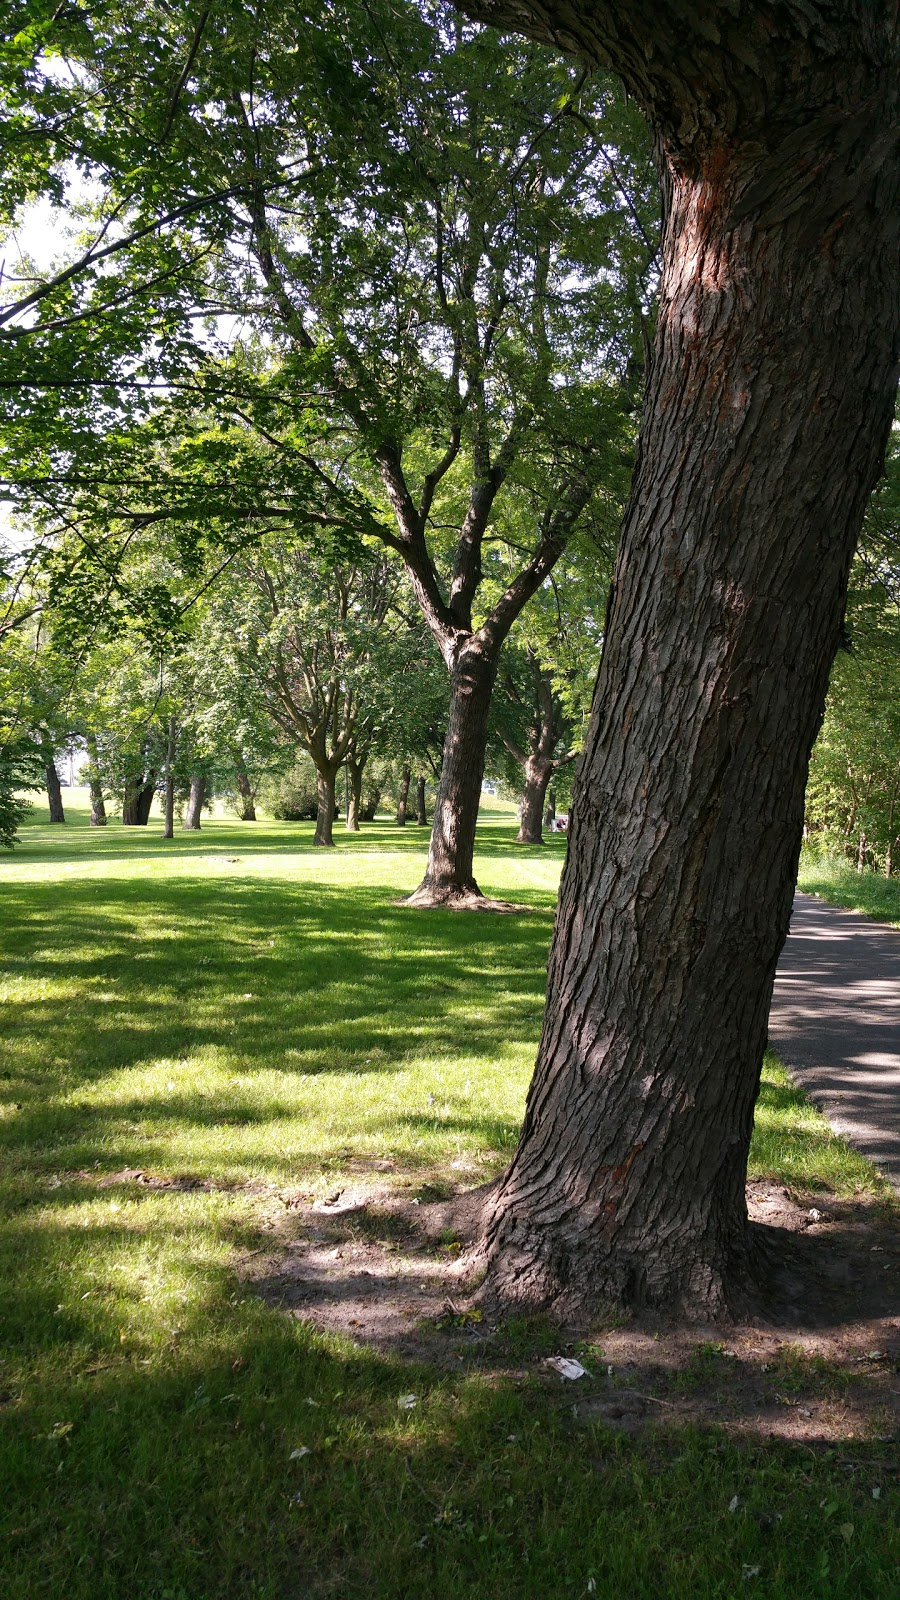 Brick By Brick Park | park | Vanier, Oshawa, ON L1J, Canada